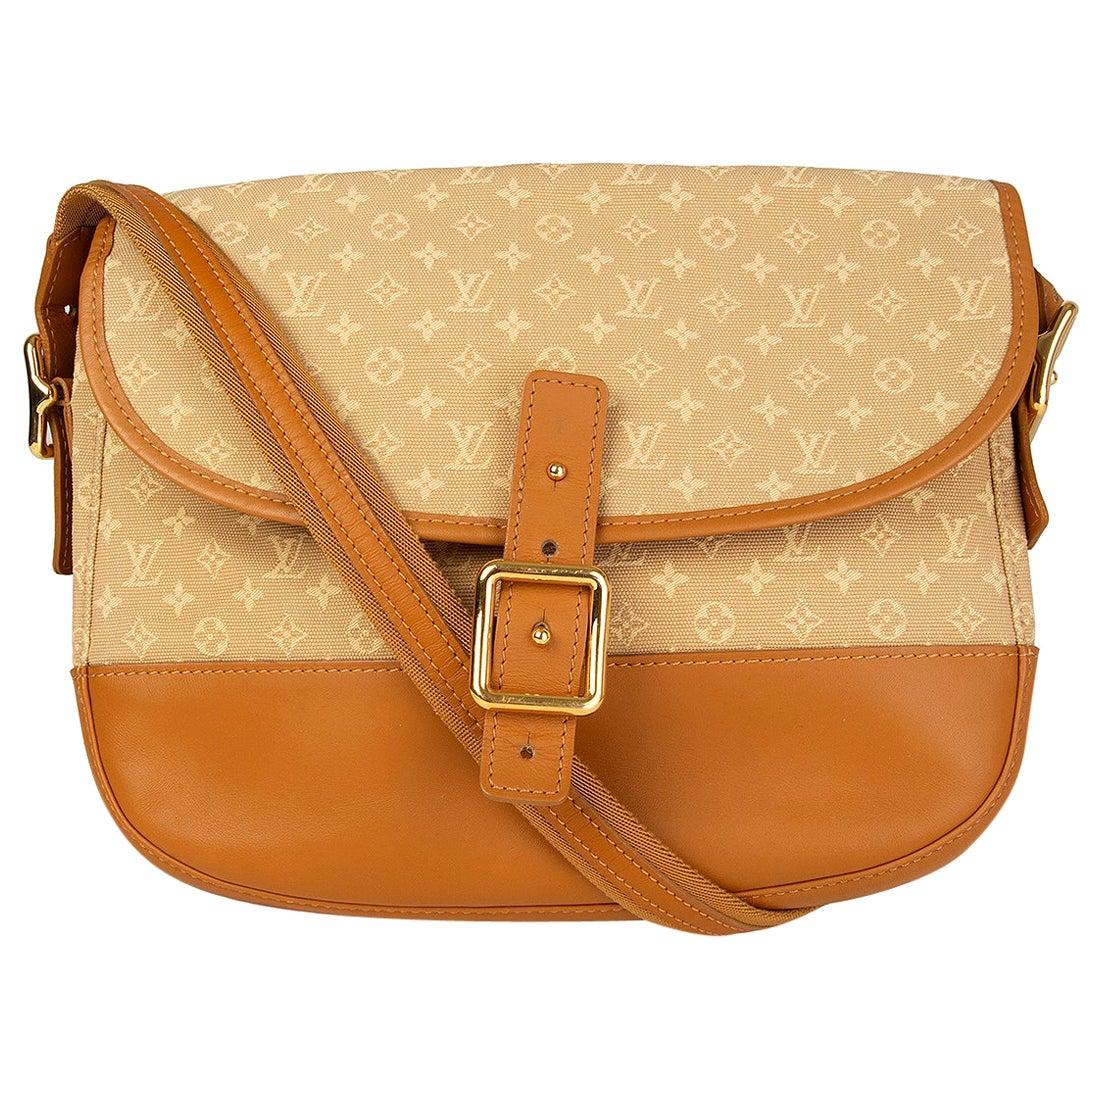 LOUIS VUITTON beige Monogram Mini Lin MAJORIE Shoulder Bag